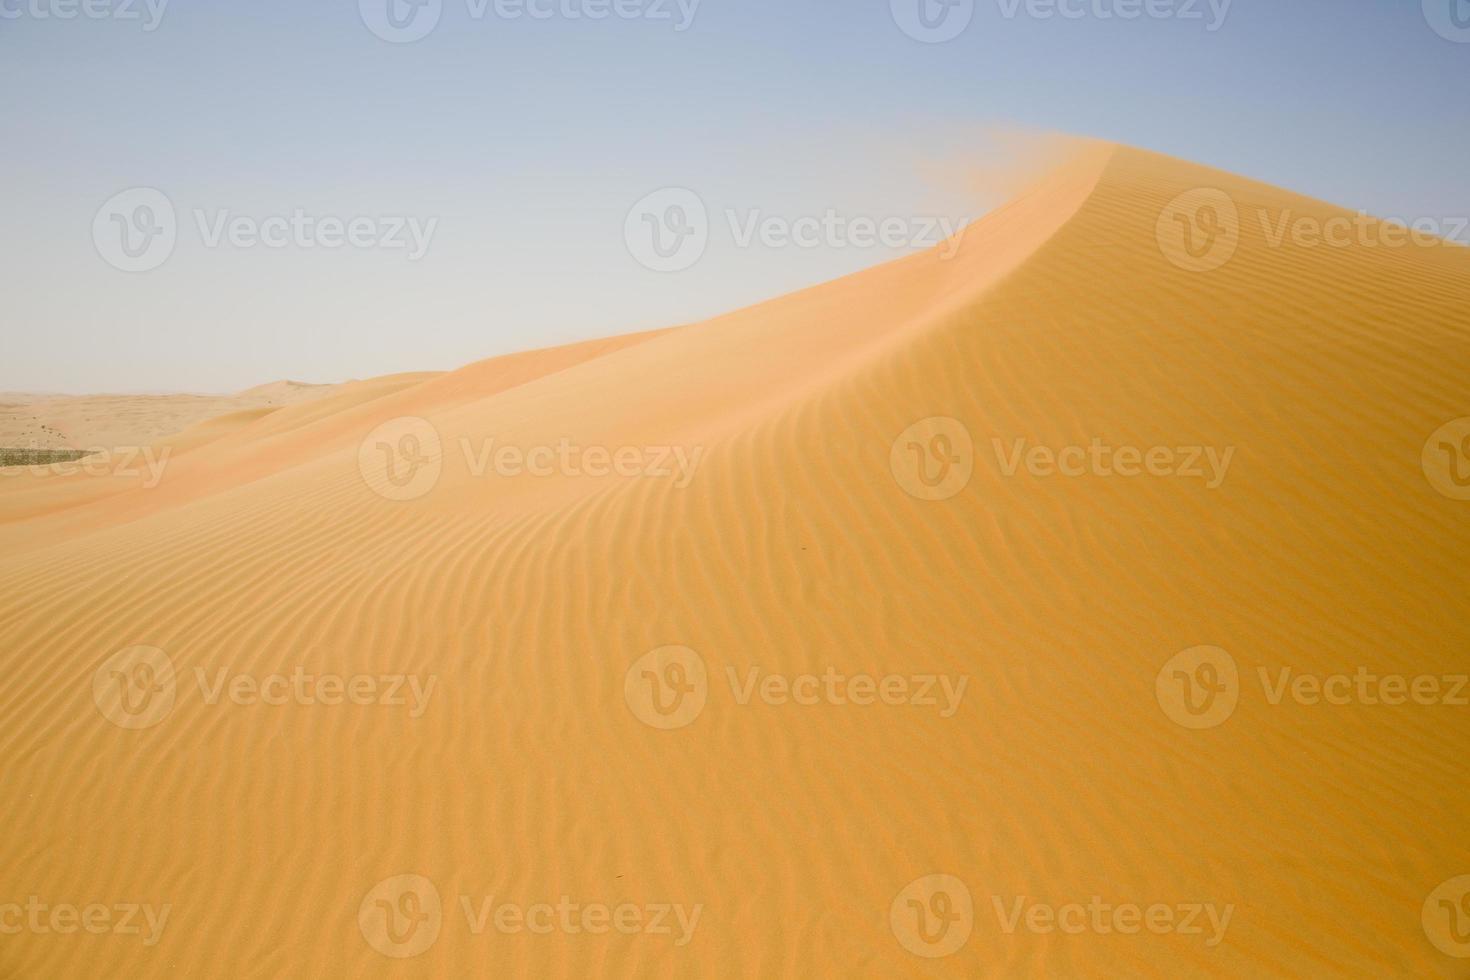 désert de sable et tissage de dunes jaunes photo